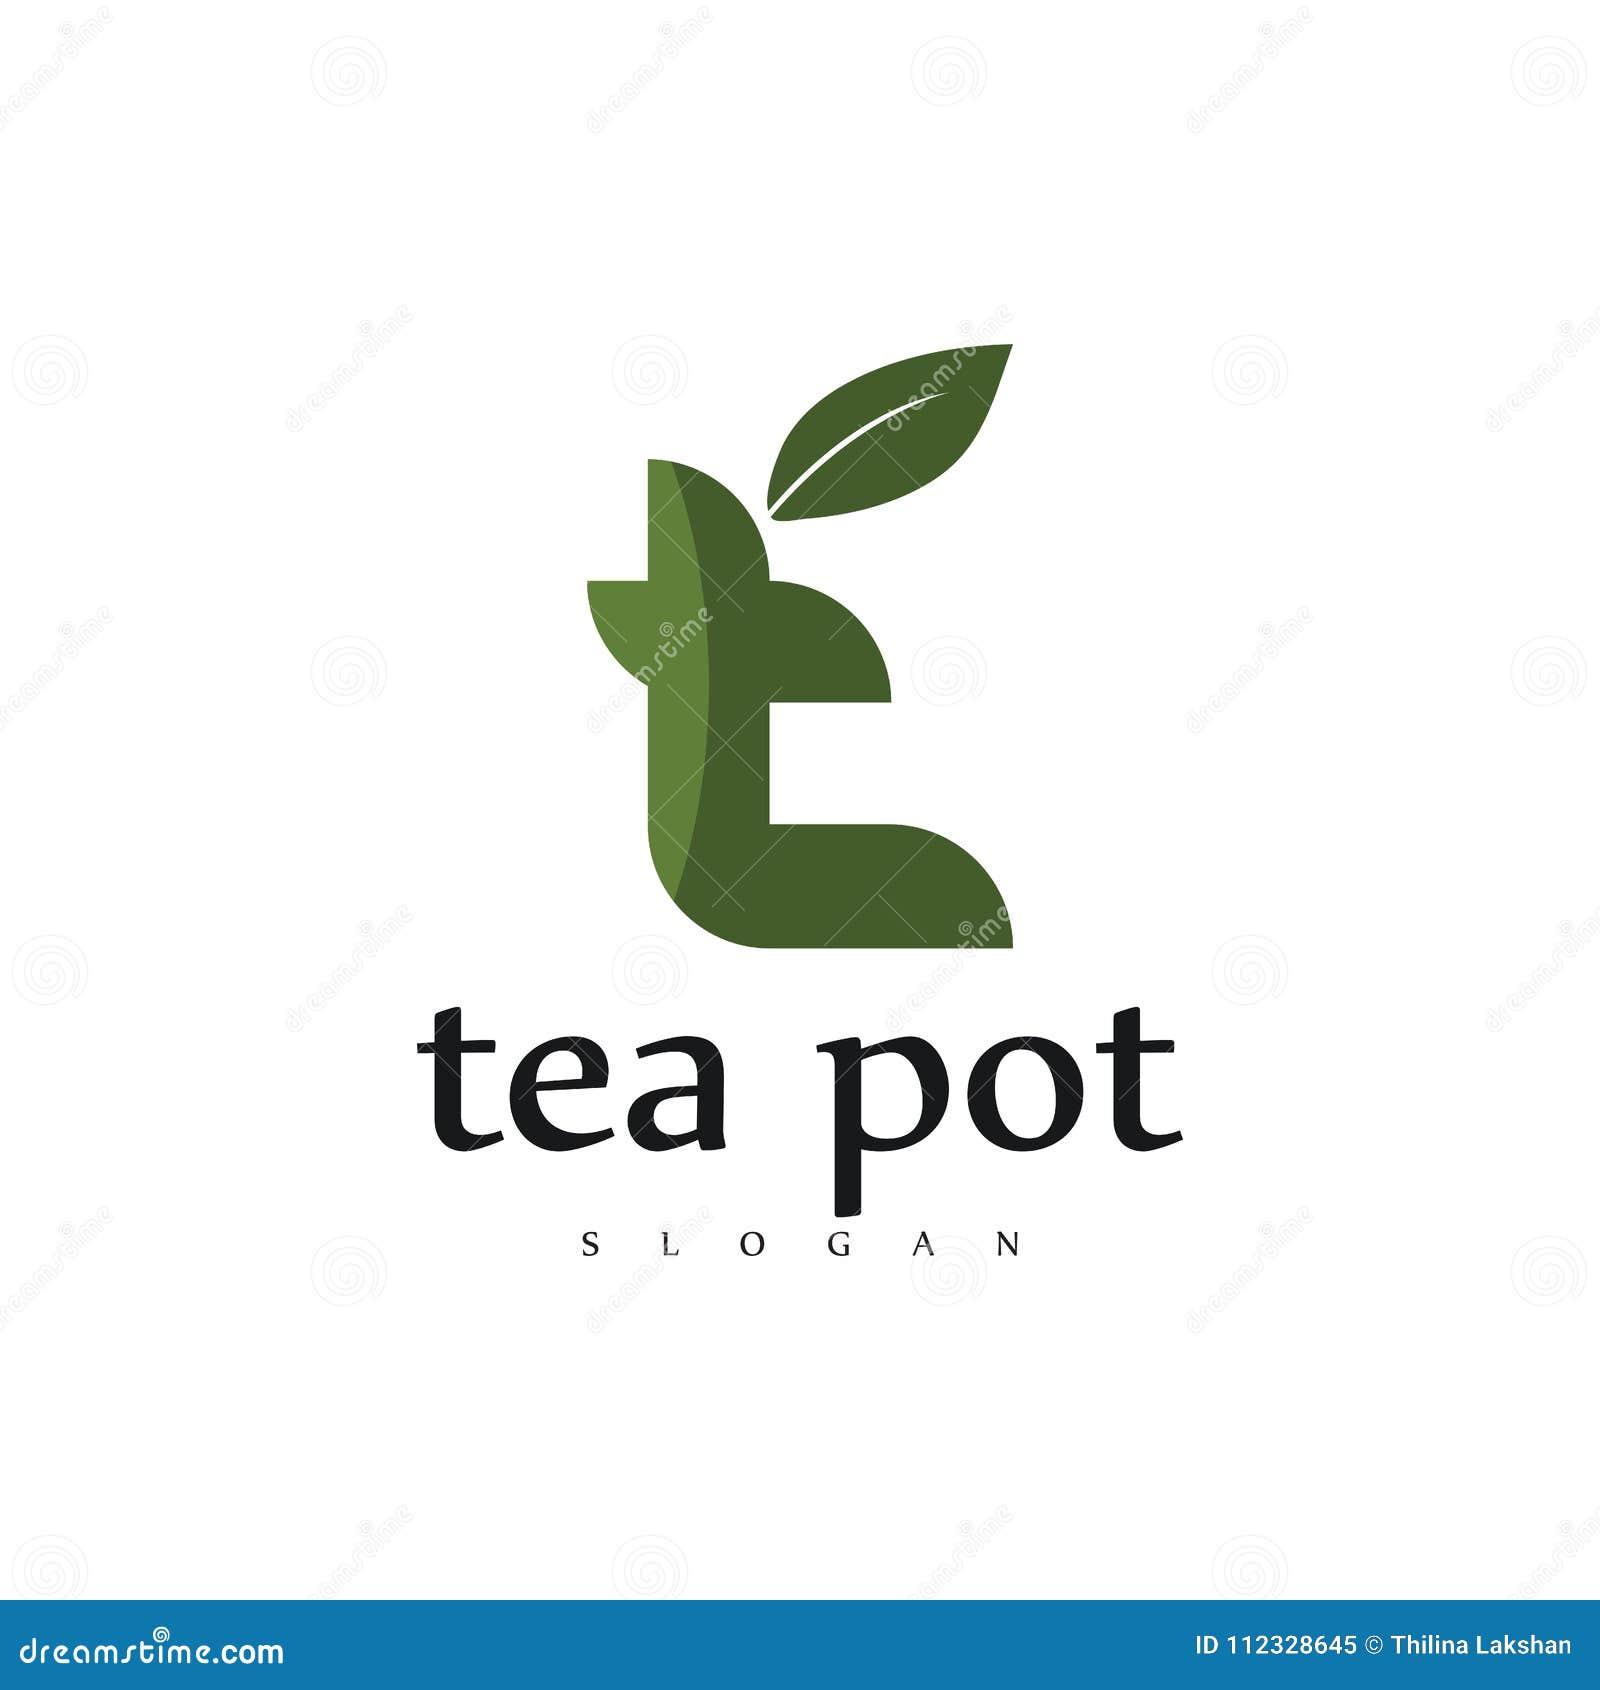 Diseño profesional moderno del logotipo del café de la tetera, logotipo del té, logotipo verde creativo de la letra t, diseño de